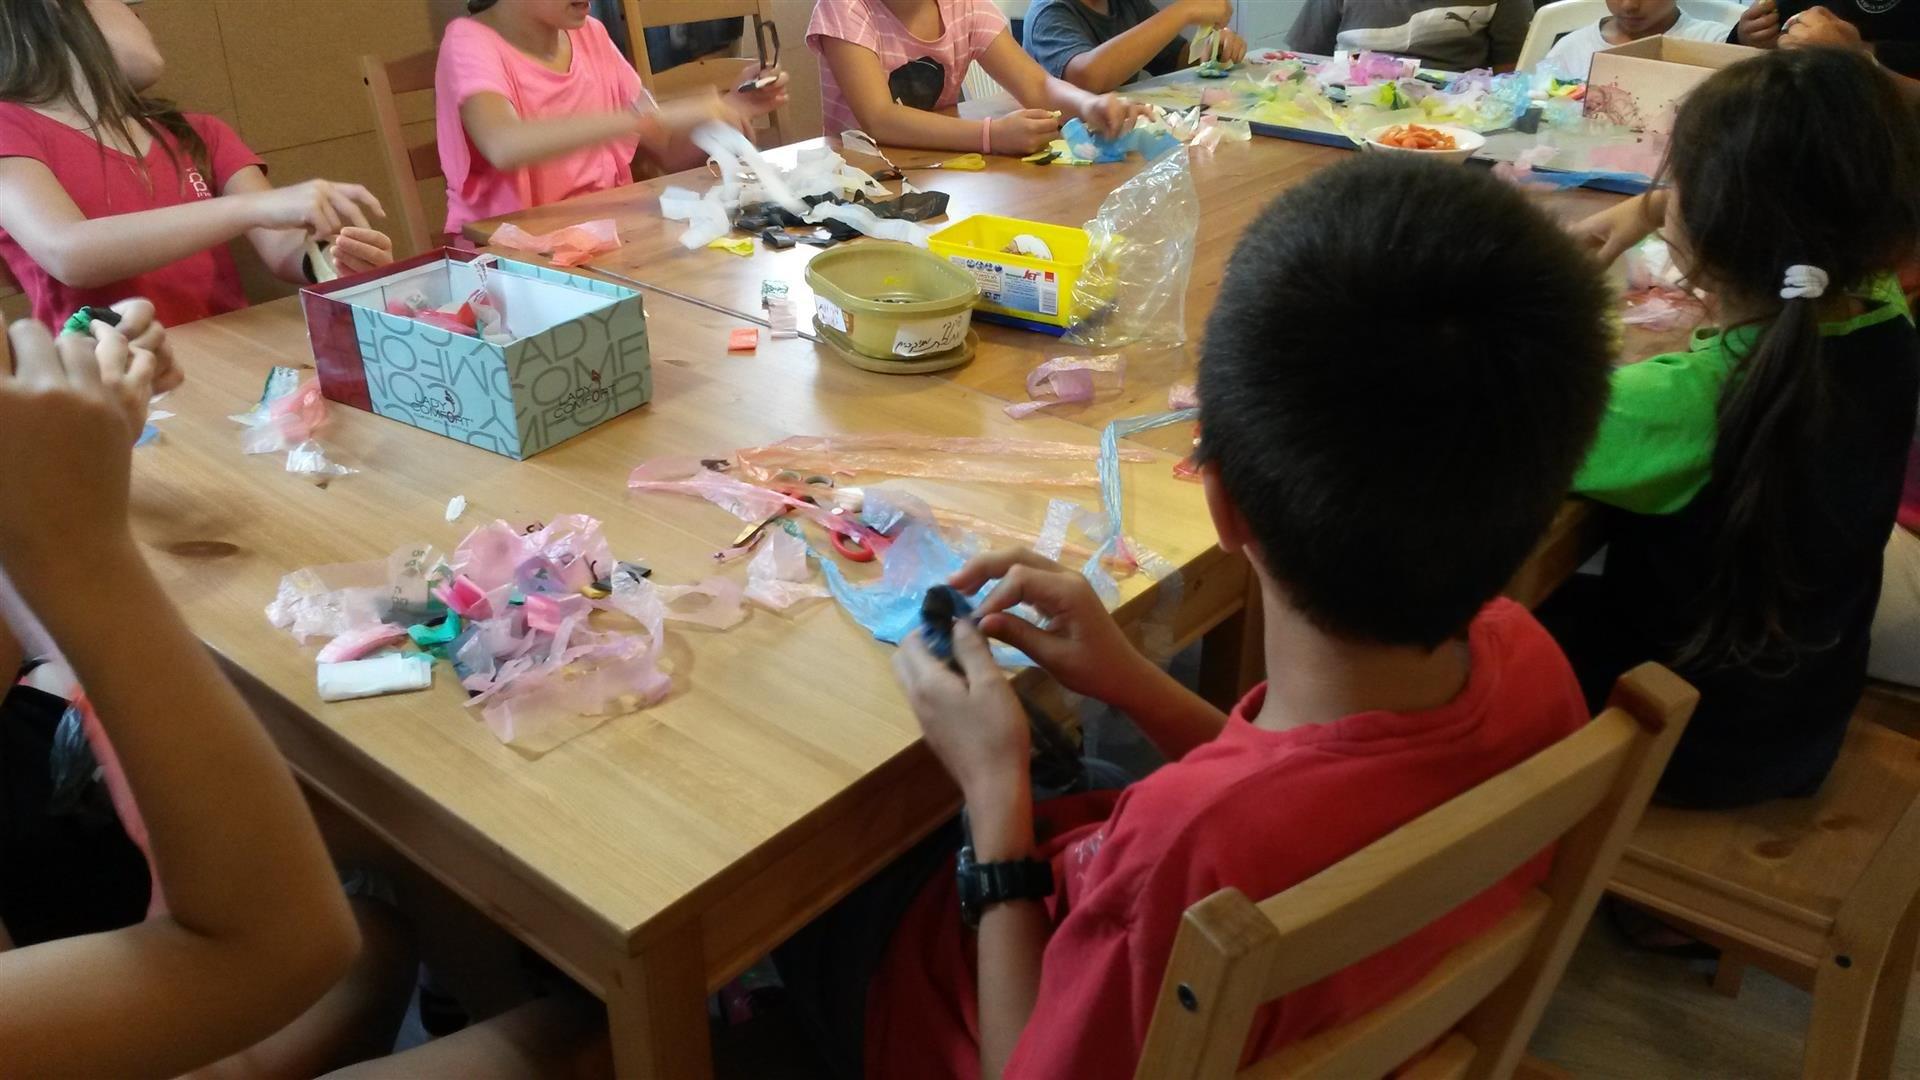 ילדי הכפר הירוק ביצירה משקיות ניילון ממוחזרות